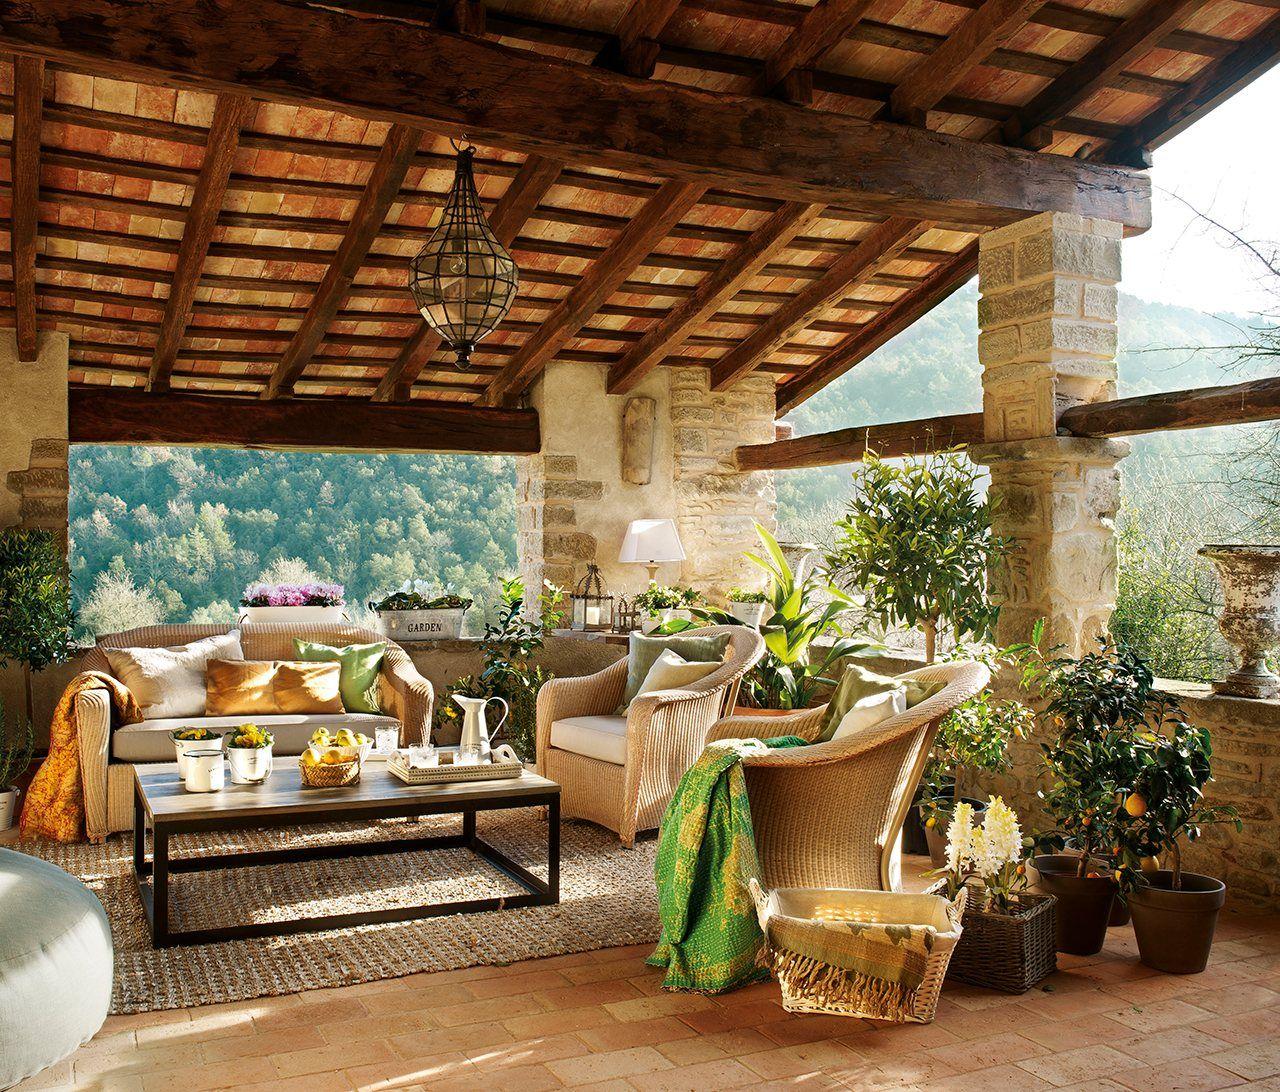 Una casa r stica con toques de estilo franc s ii for Modelos de terrazas rusticas